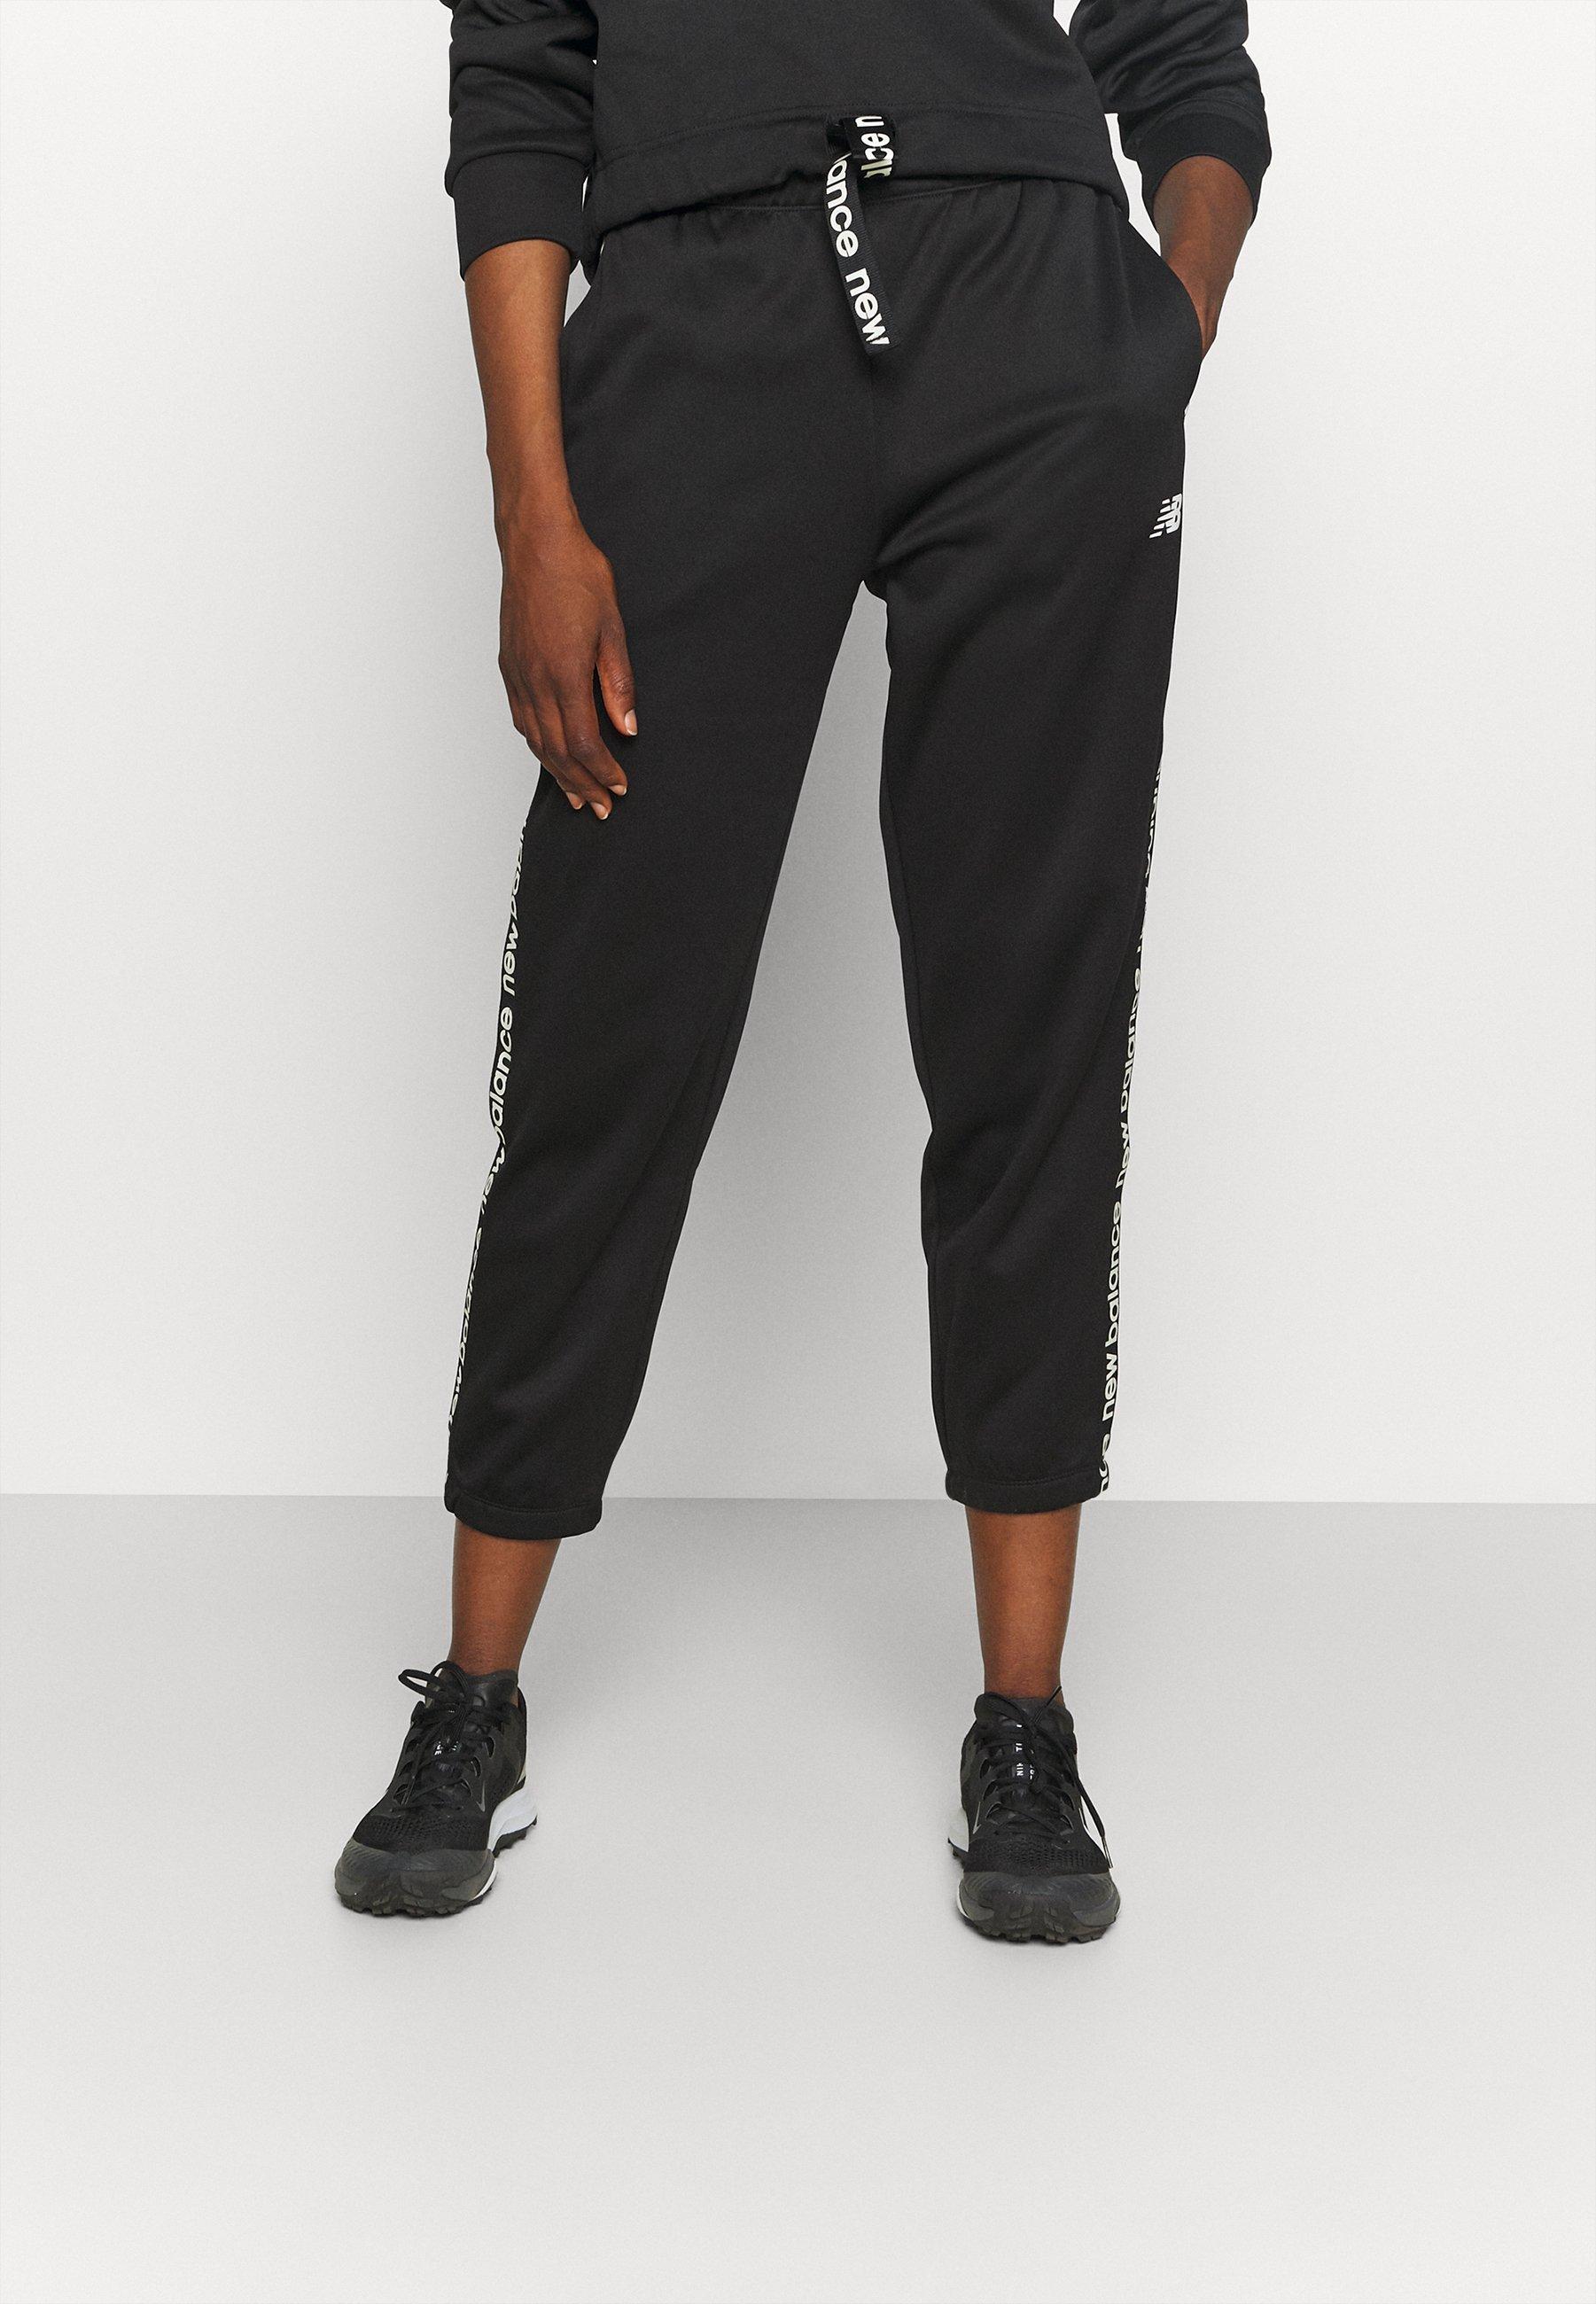 Femme RELENTLESS TRAIN PANT - Pantalon de survêtement - black